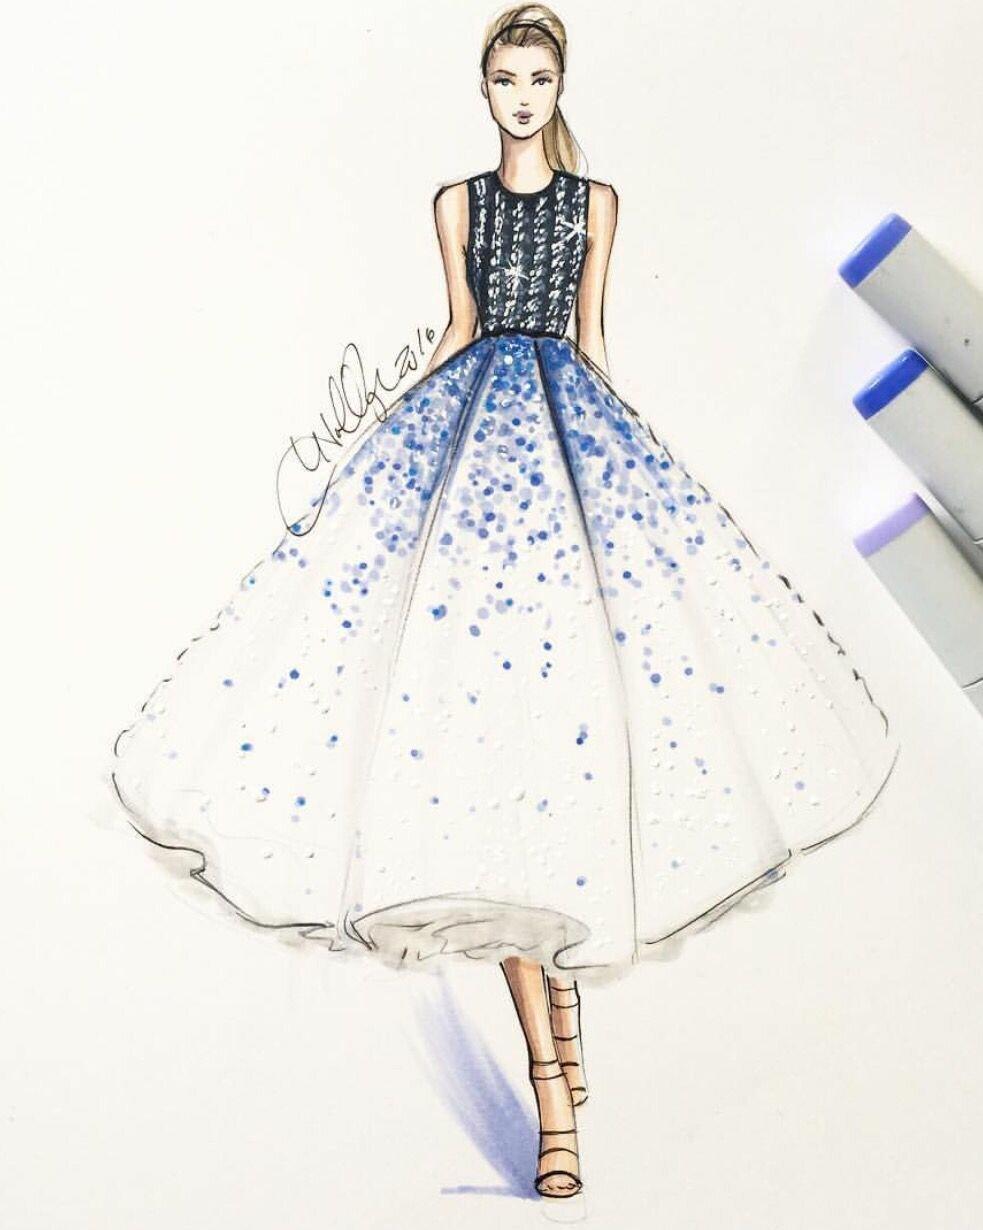 Рисунки карандашом платья для начинающих дизайнеров отлично вписывается